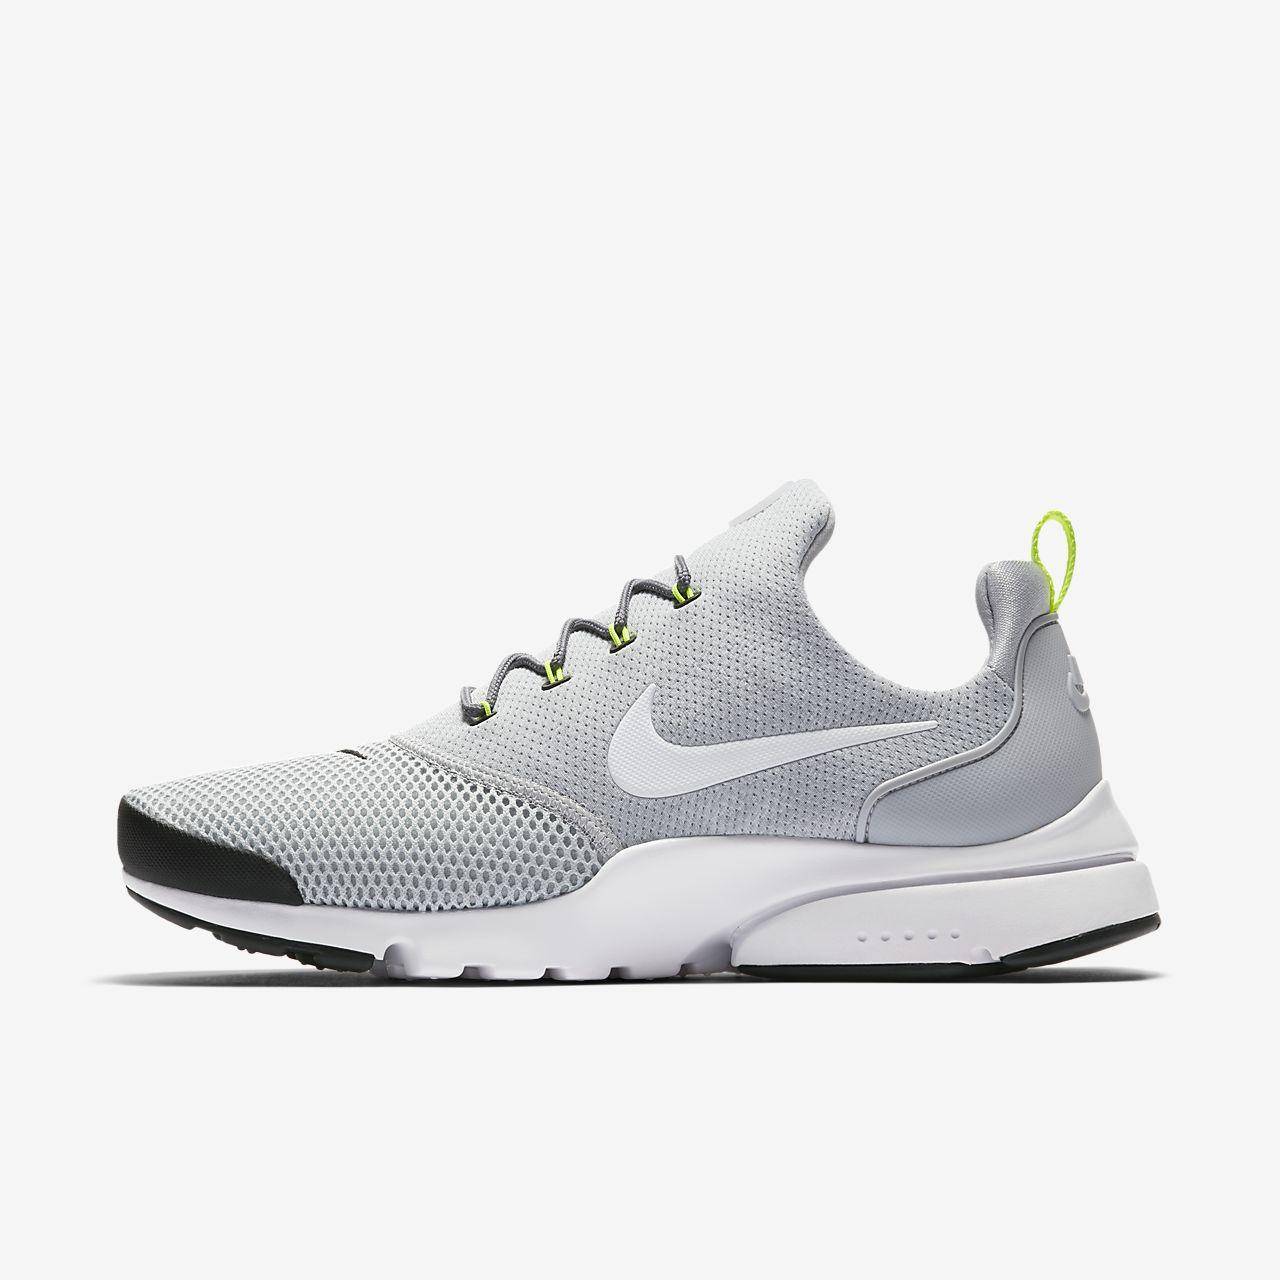 Nike Presto Fly 908019 014 Sneaker Uomo